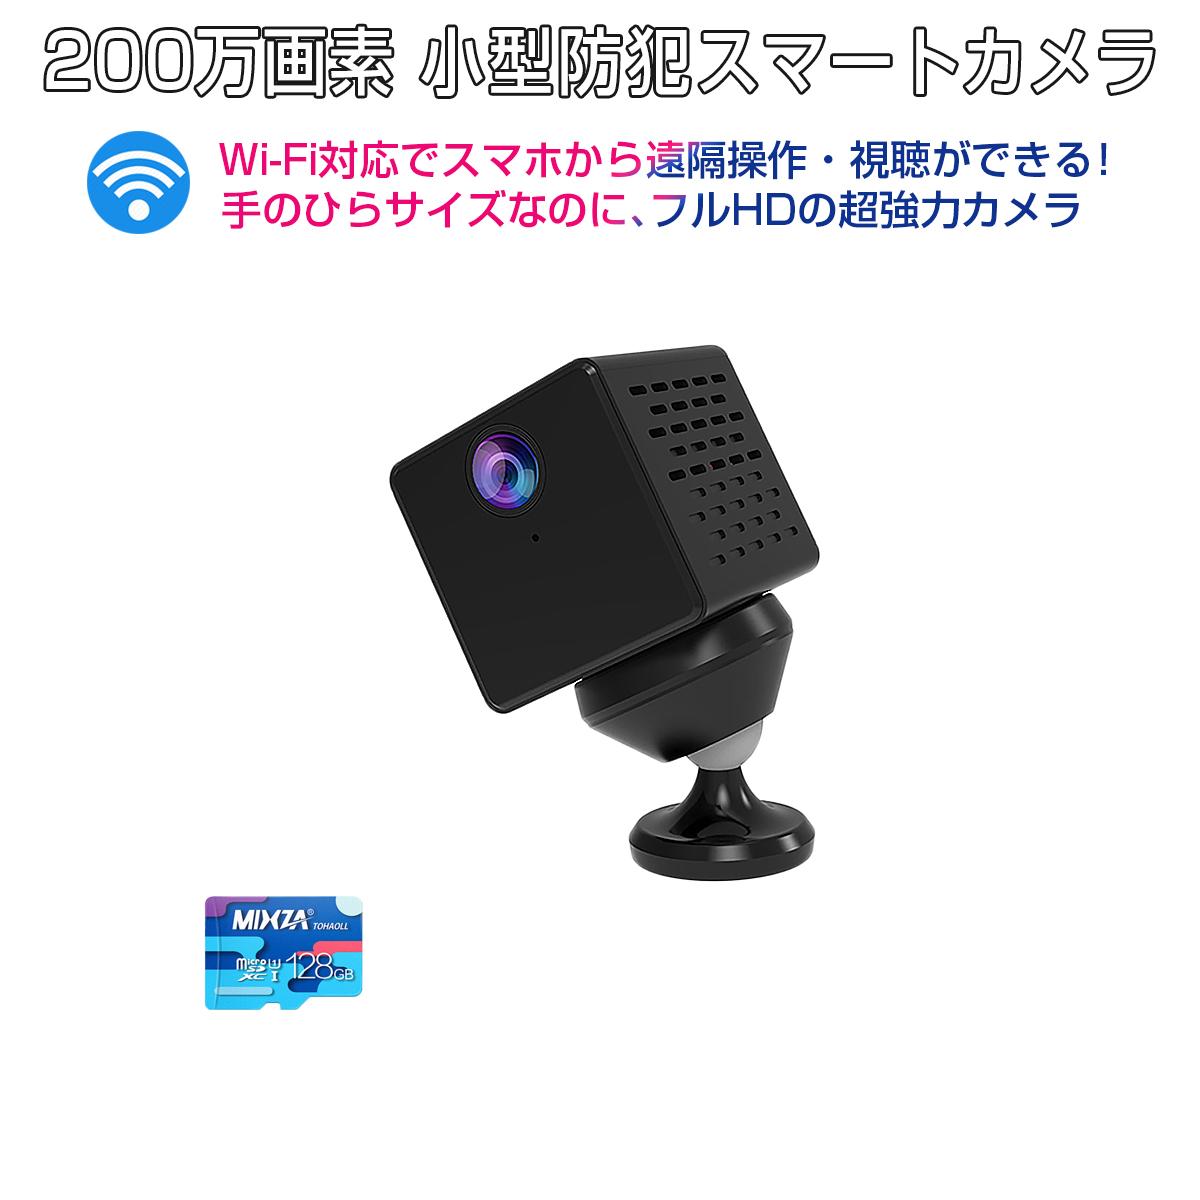 小型 防犯カメラ C90S VStarcam フルHD 2K 1080P 200万画素 SDカード128GB同梱モデル 高画質 wifi 無線 ワイヤレス MicroSDカード録画 録音 ネット環境なくても電源繋ぐだけ 遠隔監視 防犯 証拠 泥棒 浮気 横領 DV 恐喝 現場 IP カメラ 宅配便送料無料 6ヶ月保証 K&M